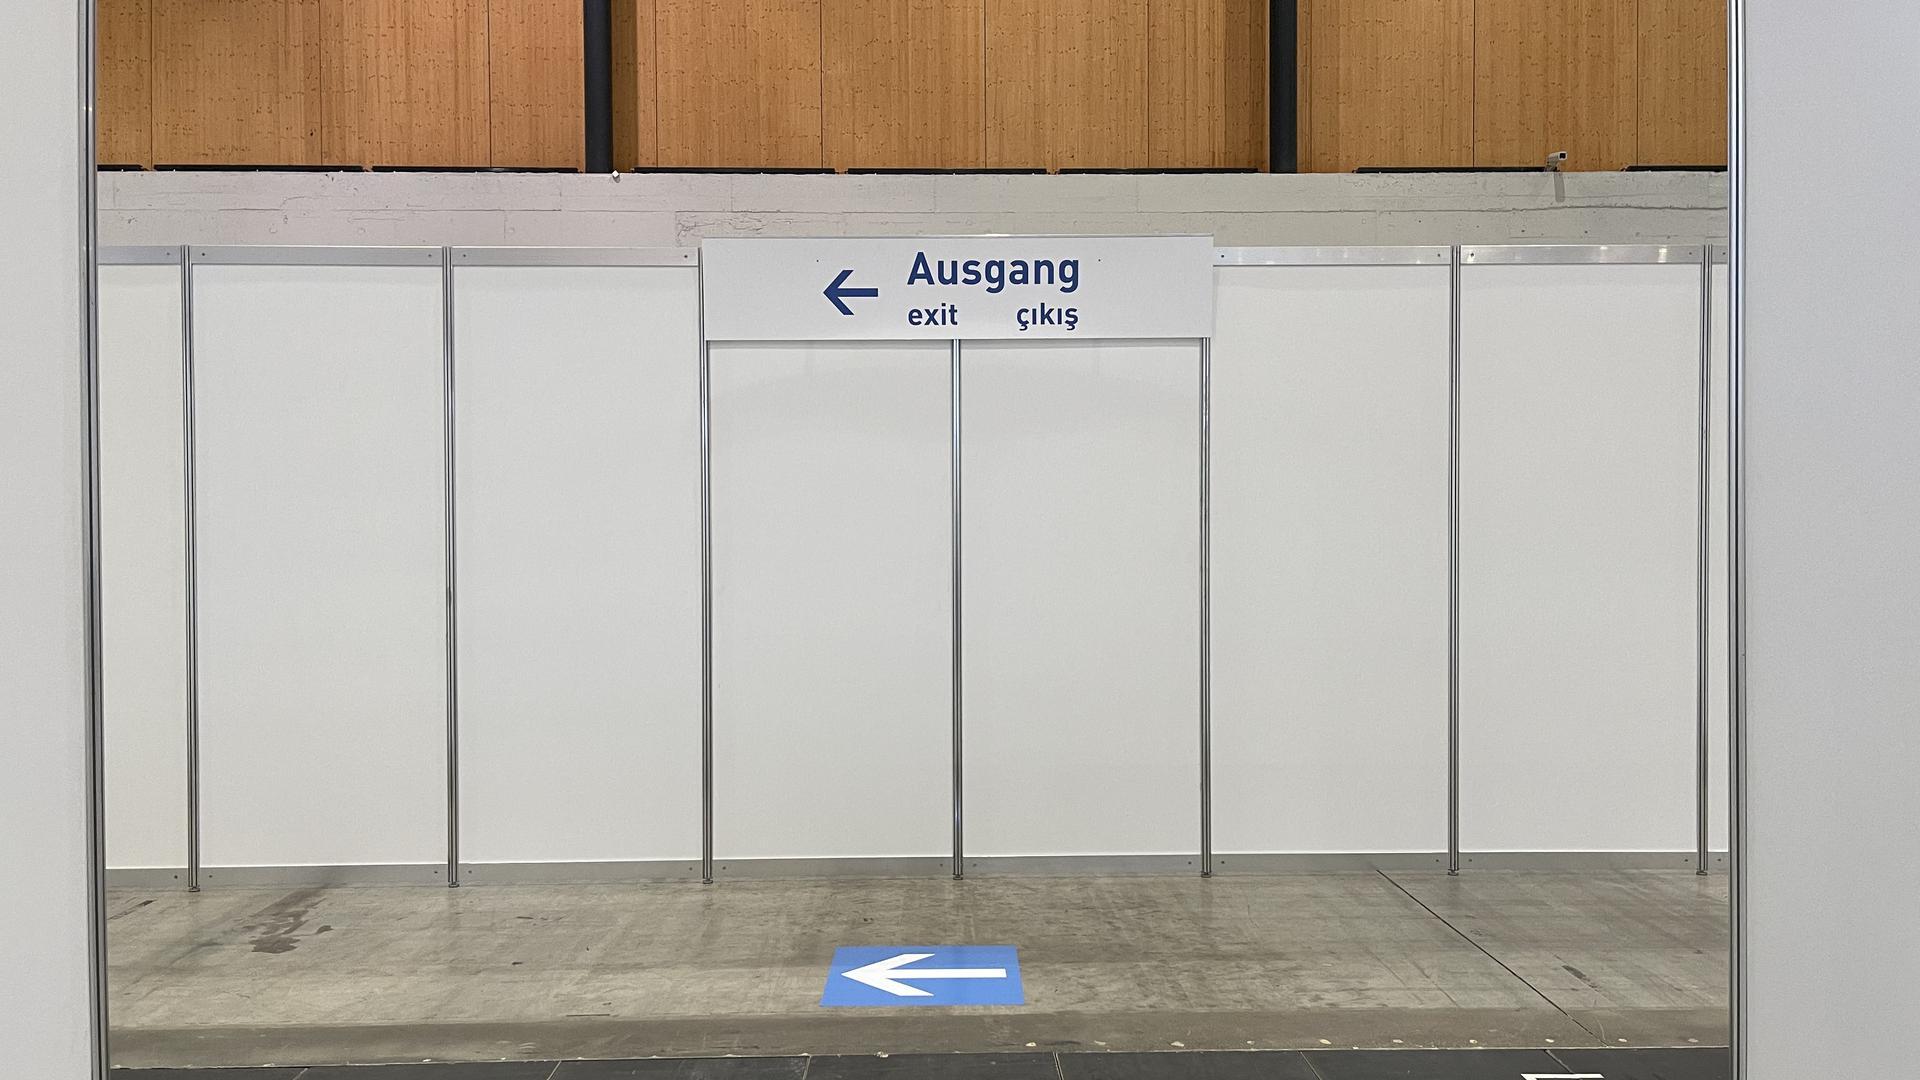 Richtungspfeil Ausgang Impfzentrum Messe Karlsruhe